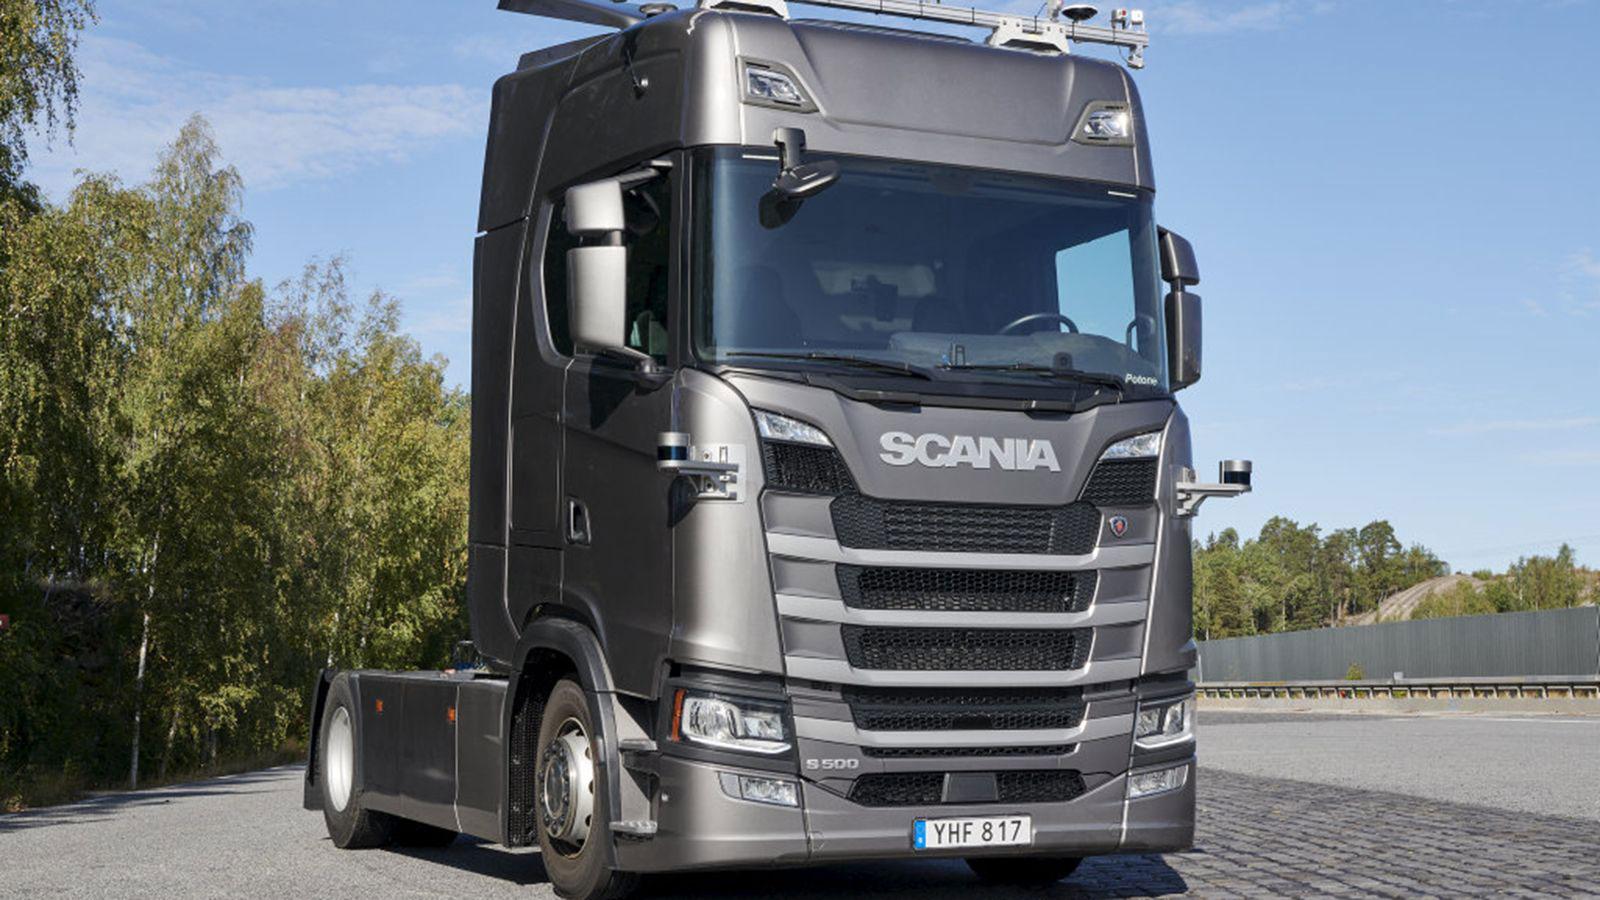 Για πάνω από 25 χρόνια το συνεργείο ΧΟΝΔΡΟΣ- ΖΟΥΜΠΟΣ είναι το όνομα που εμπιστεύεστε για όλες τις ανάγκες επισκευής και συντήρησης του φορτηγούScania.